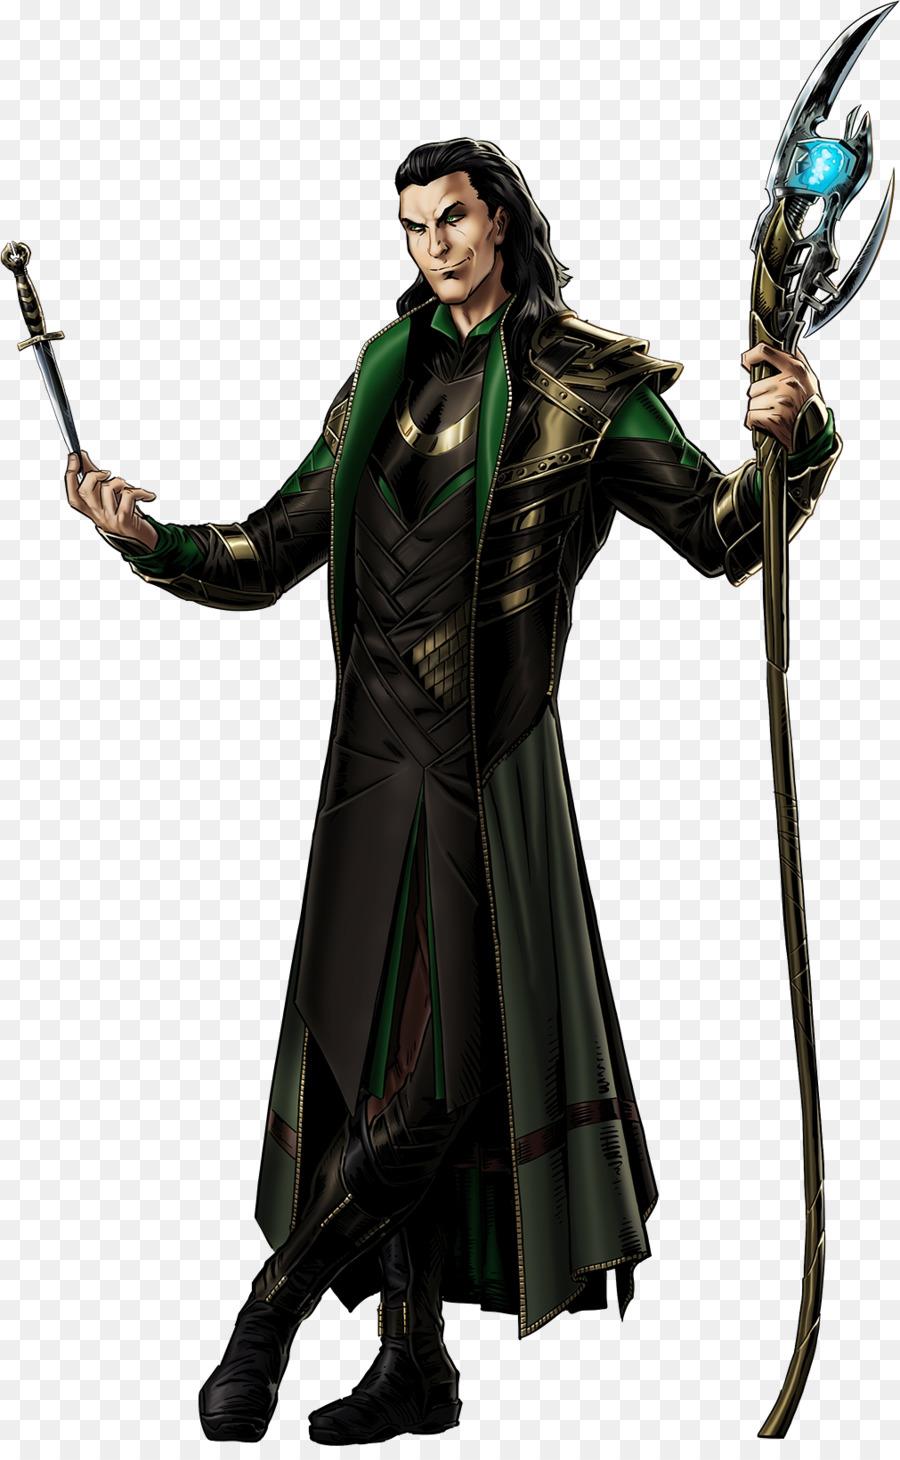 Marvel: Avengers Alliance Loki Thor Laufey Frigga.